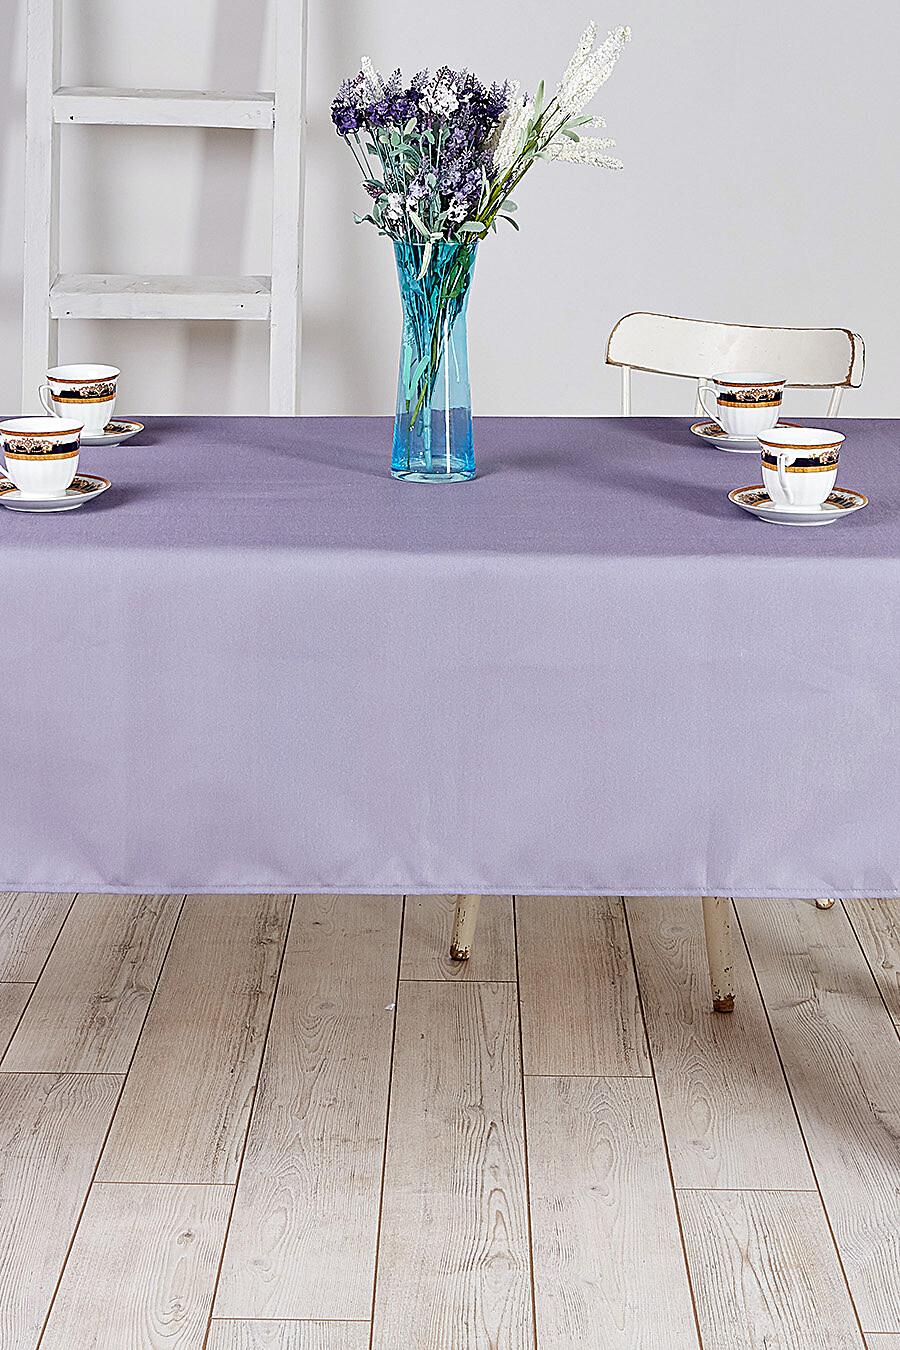 Скатерть прямоугольня для дома ART HOME TEXTILE 121243 купить оптом от производителя. Совместная покупка товаров для дома в OptMoyo